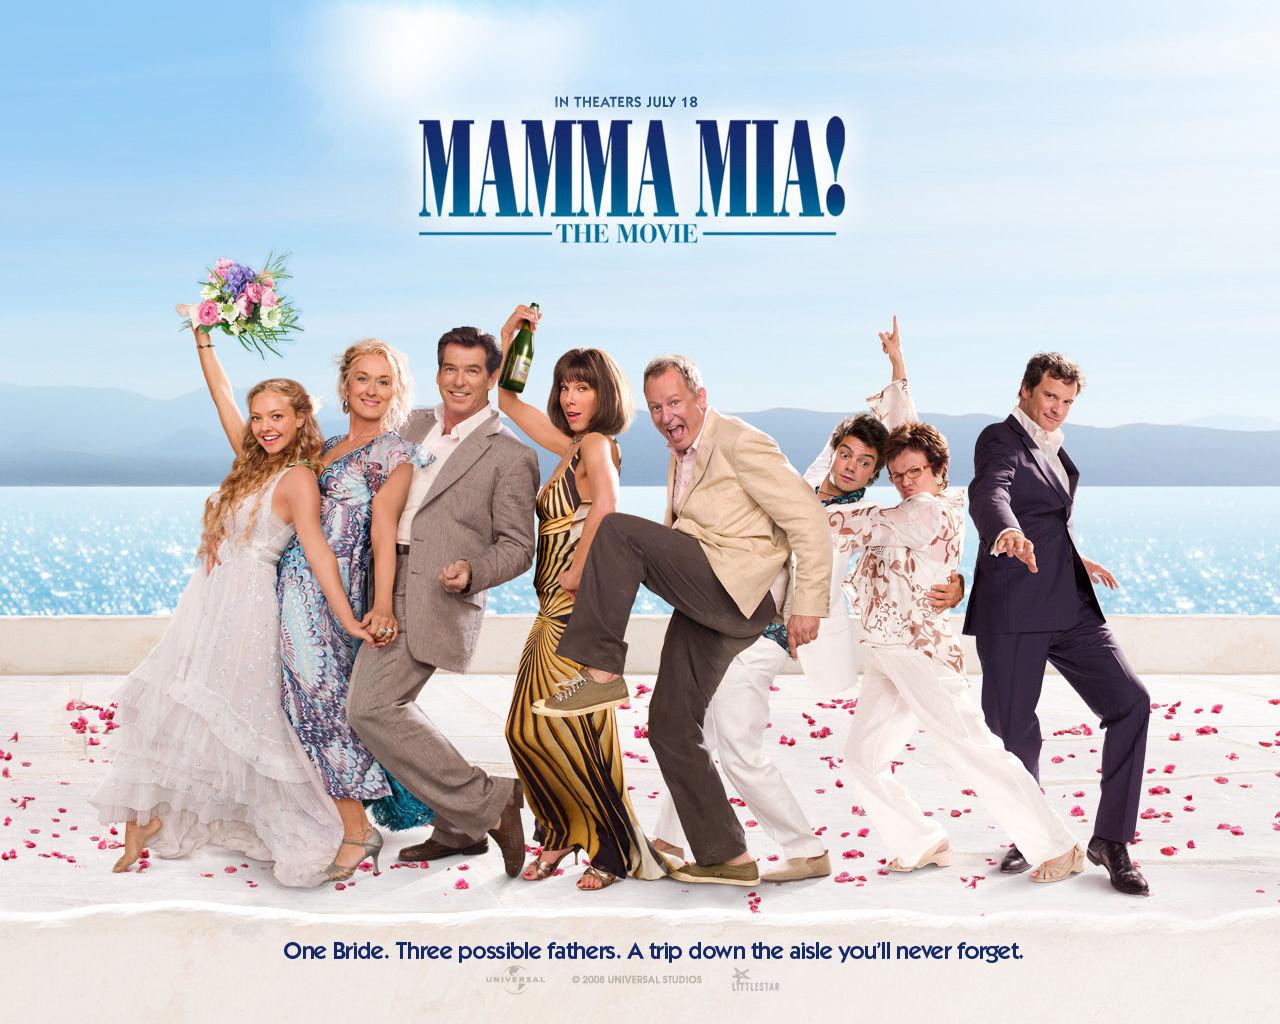 'Mamma Mia!' Sequel Confirmed For